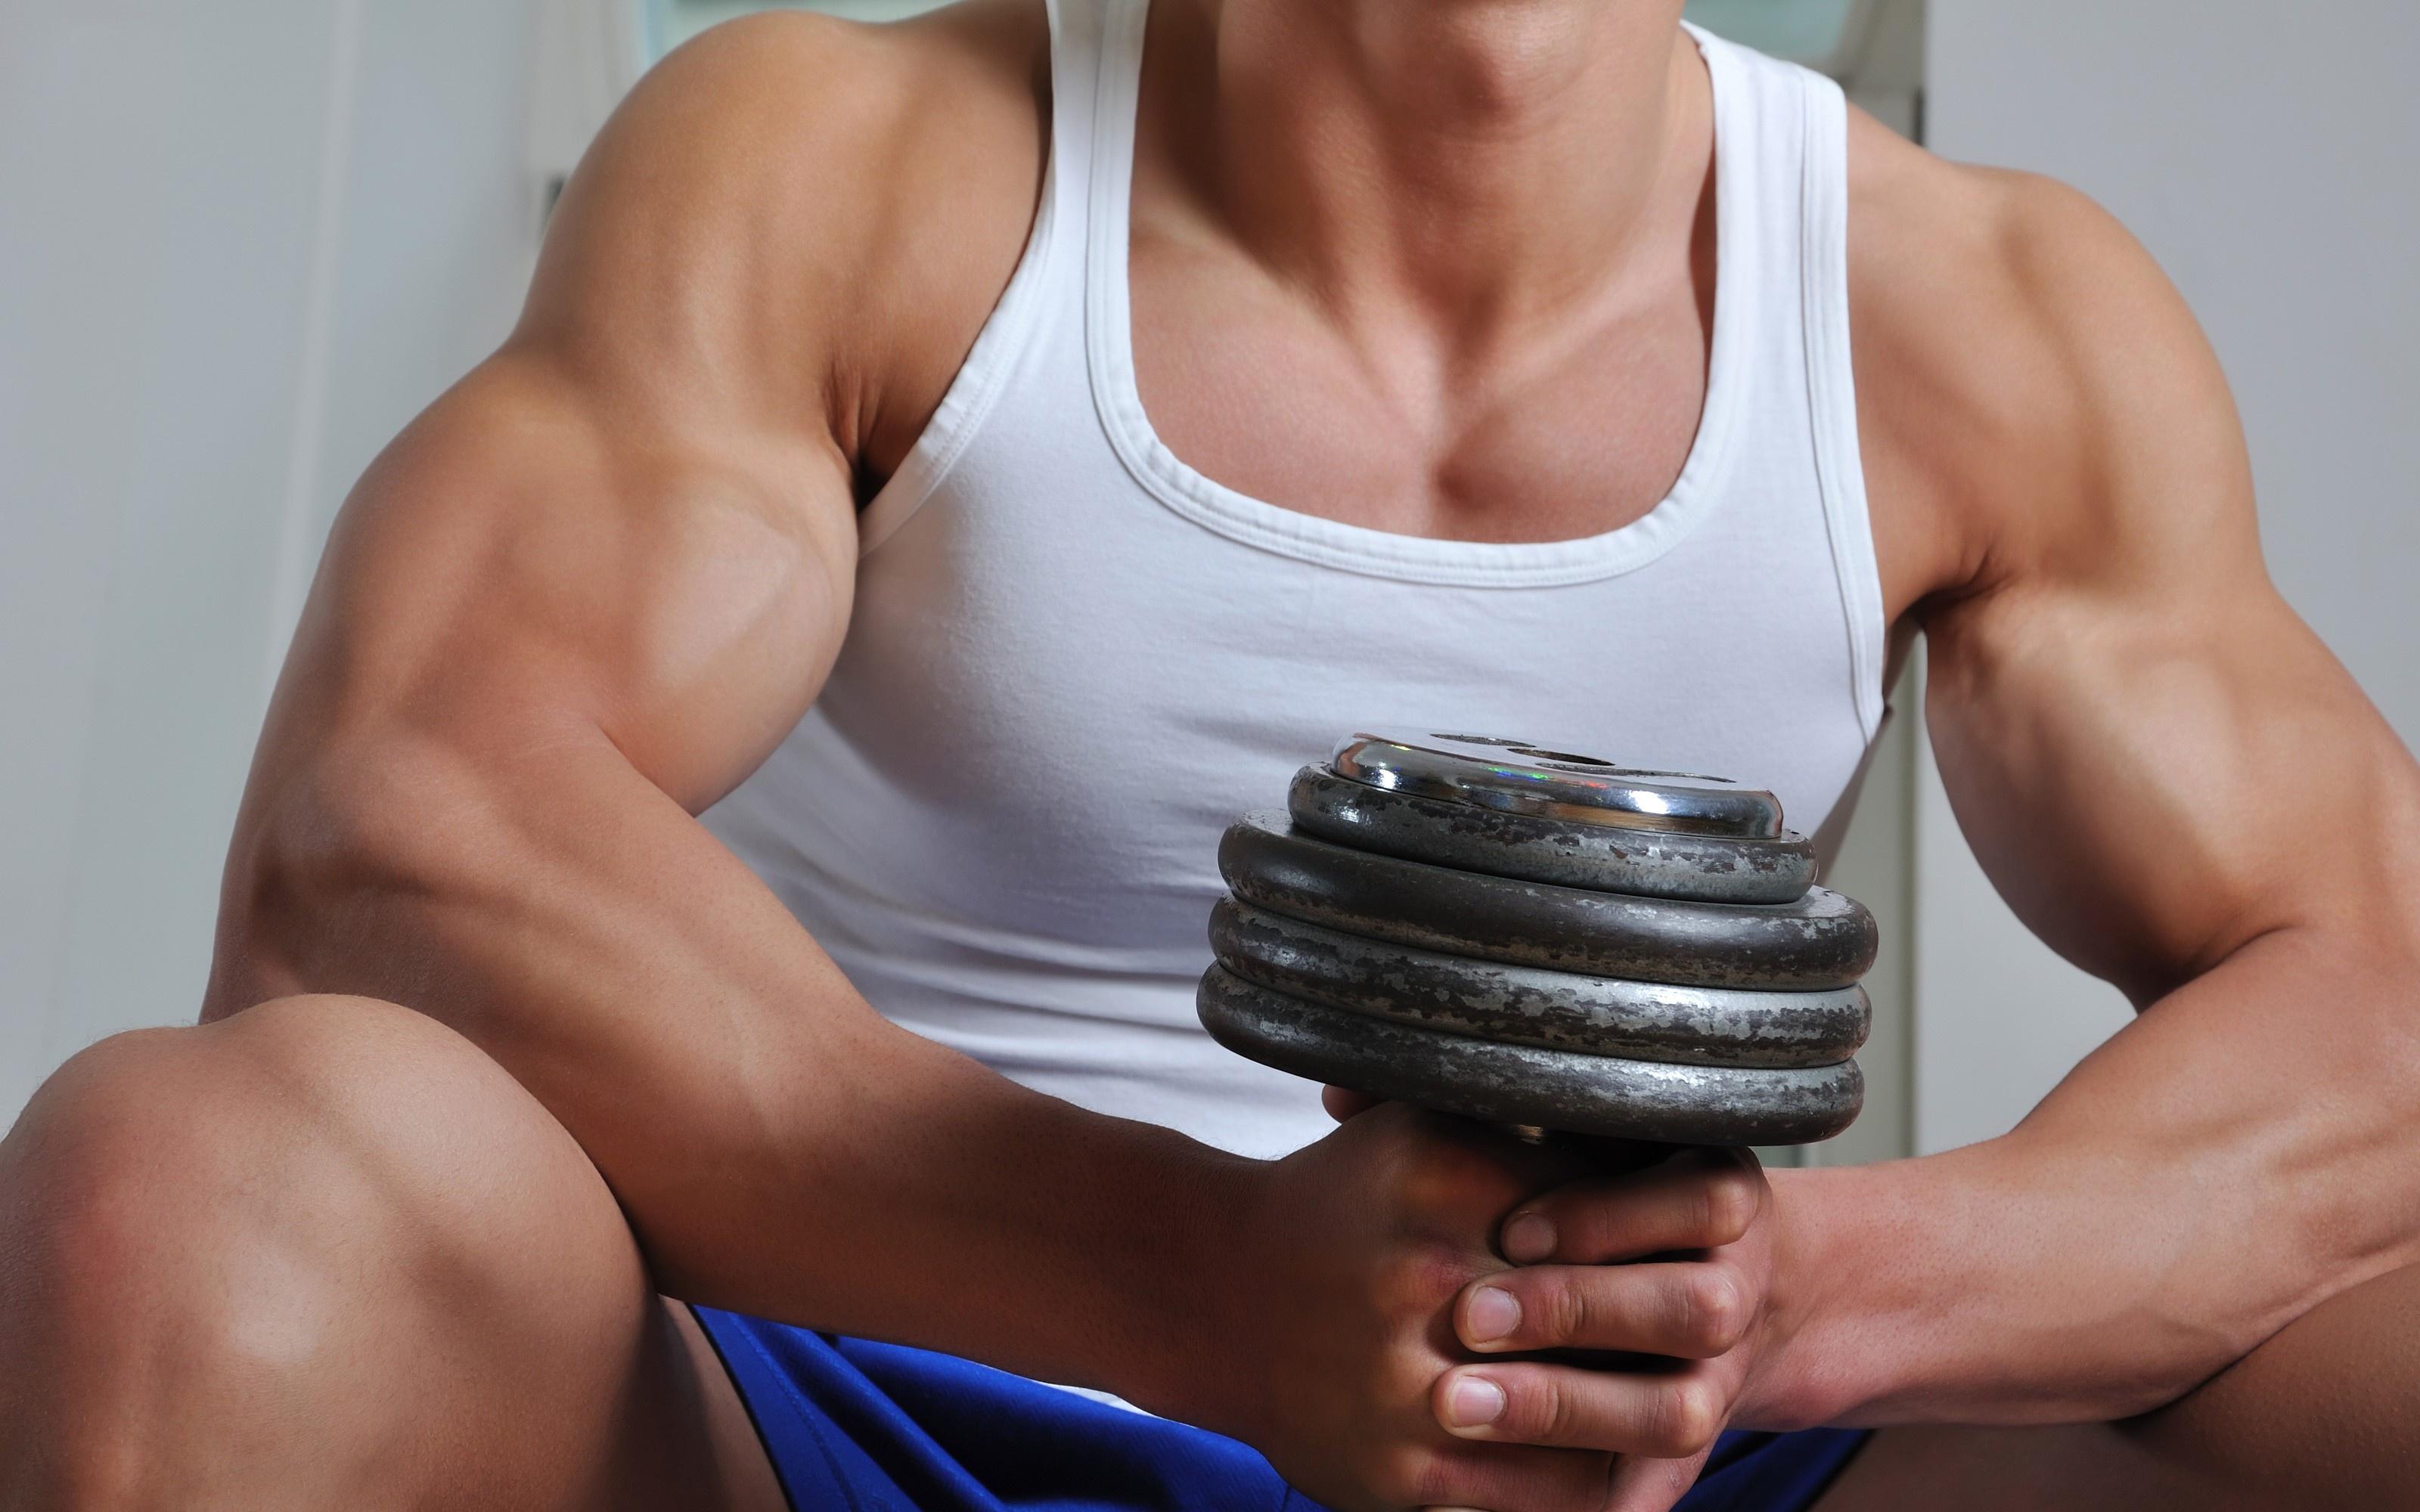 Сбросить Вес Занимаясь Гантелями. 9 лучших комплексных упражнений с гантелями для быстрого похудения дома